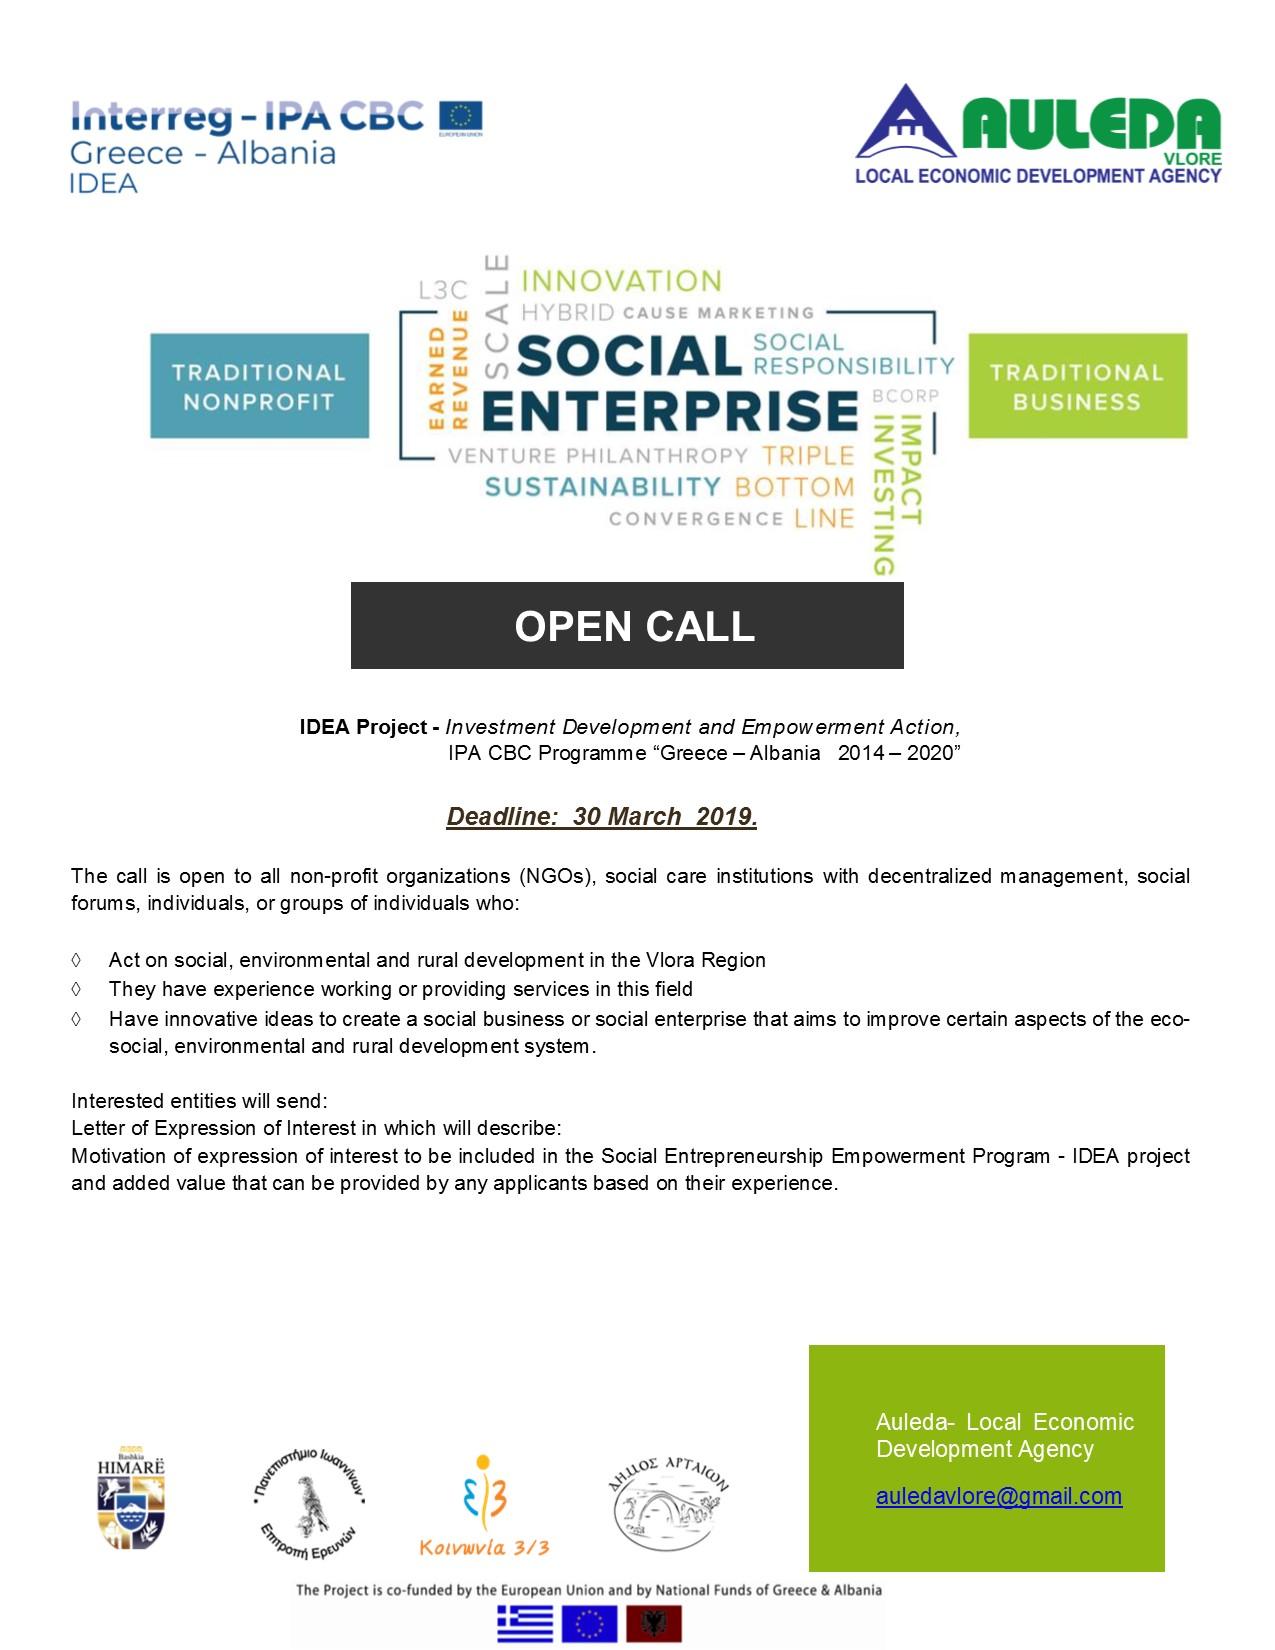 IDEA Open call